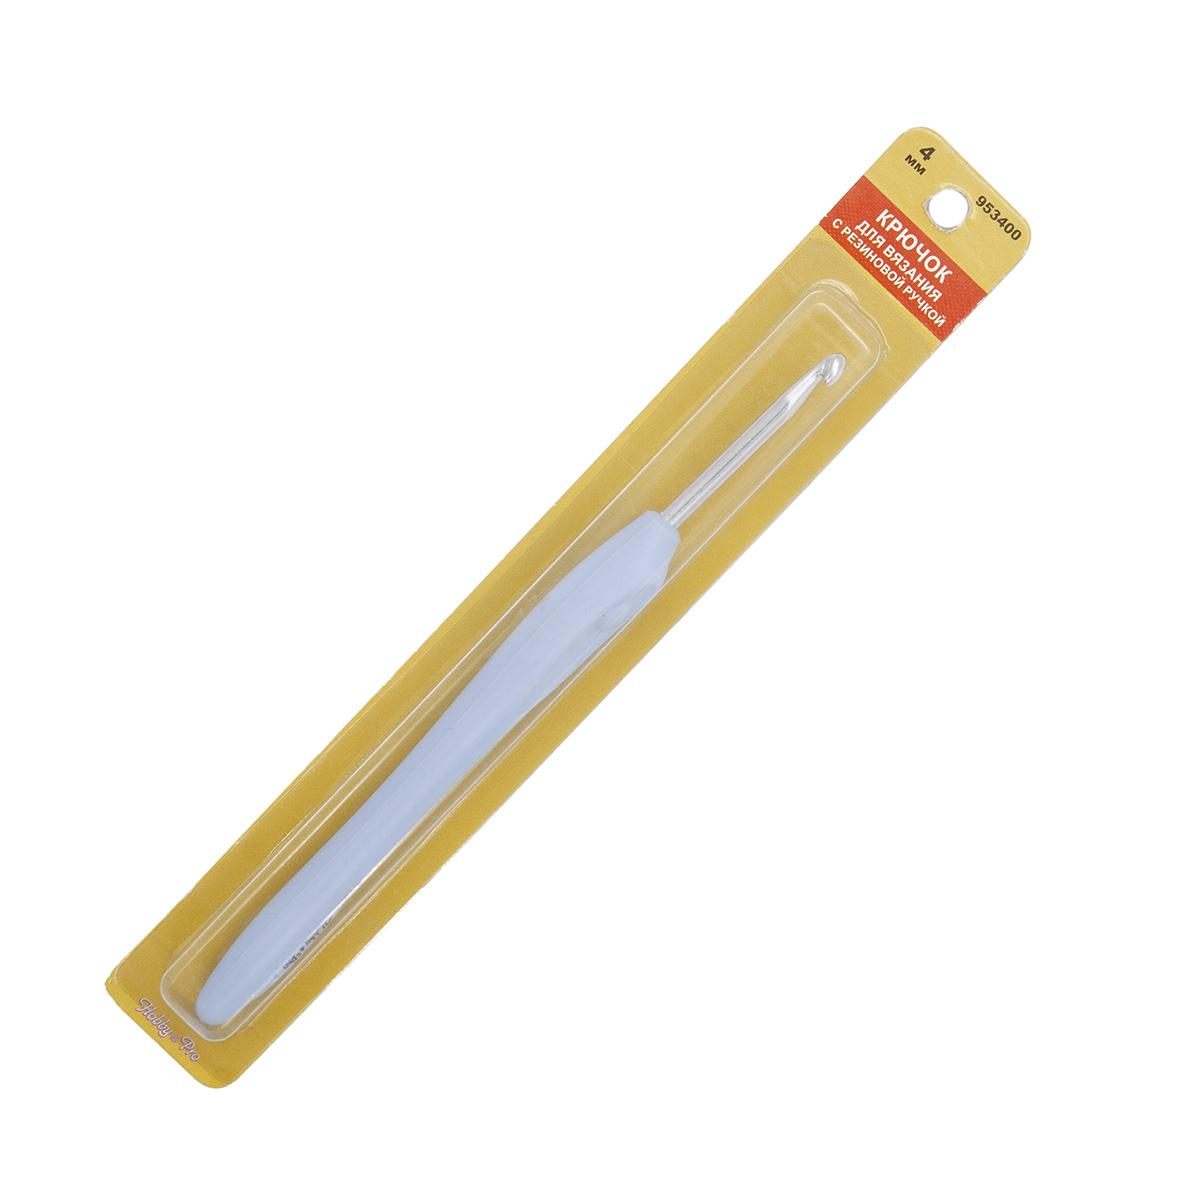 Крючок для вязания с резиновой ручкой 953400, 4 мм, Hobby&Pro